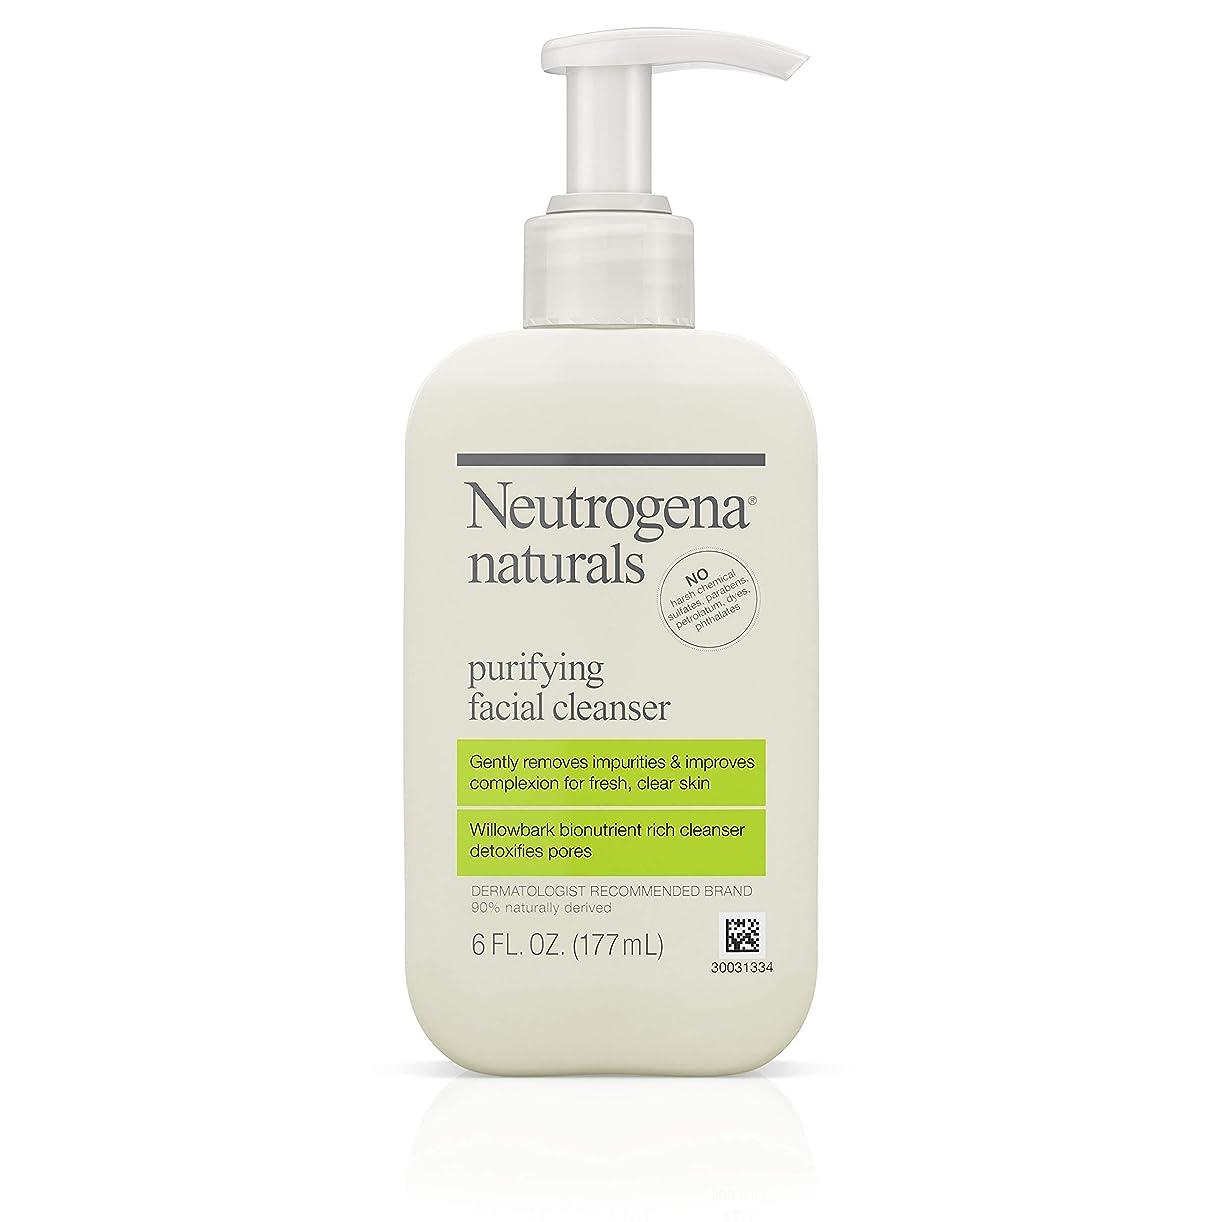 校長かける技術Neutrogena Naturals Purifying Facial Cleanser 175 ml (並行輸入品)